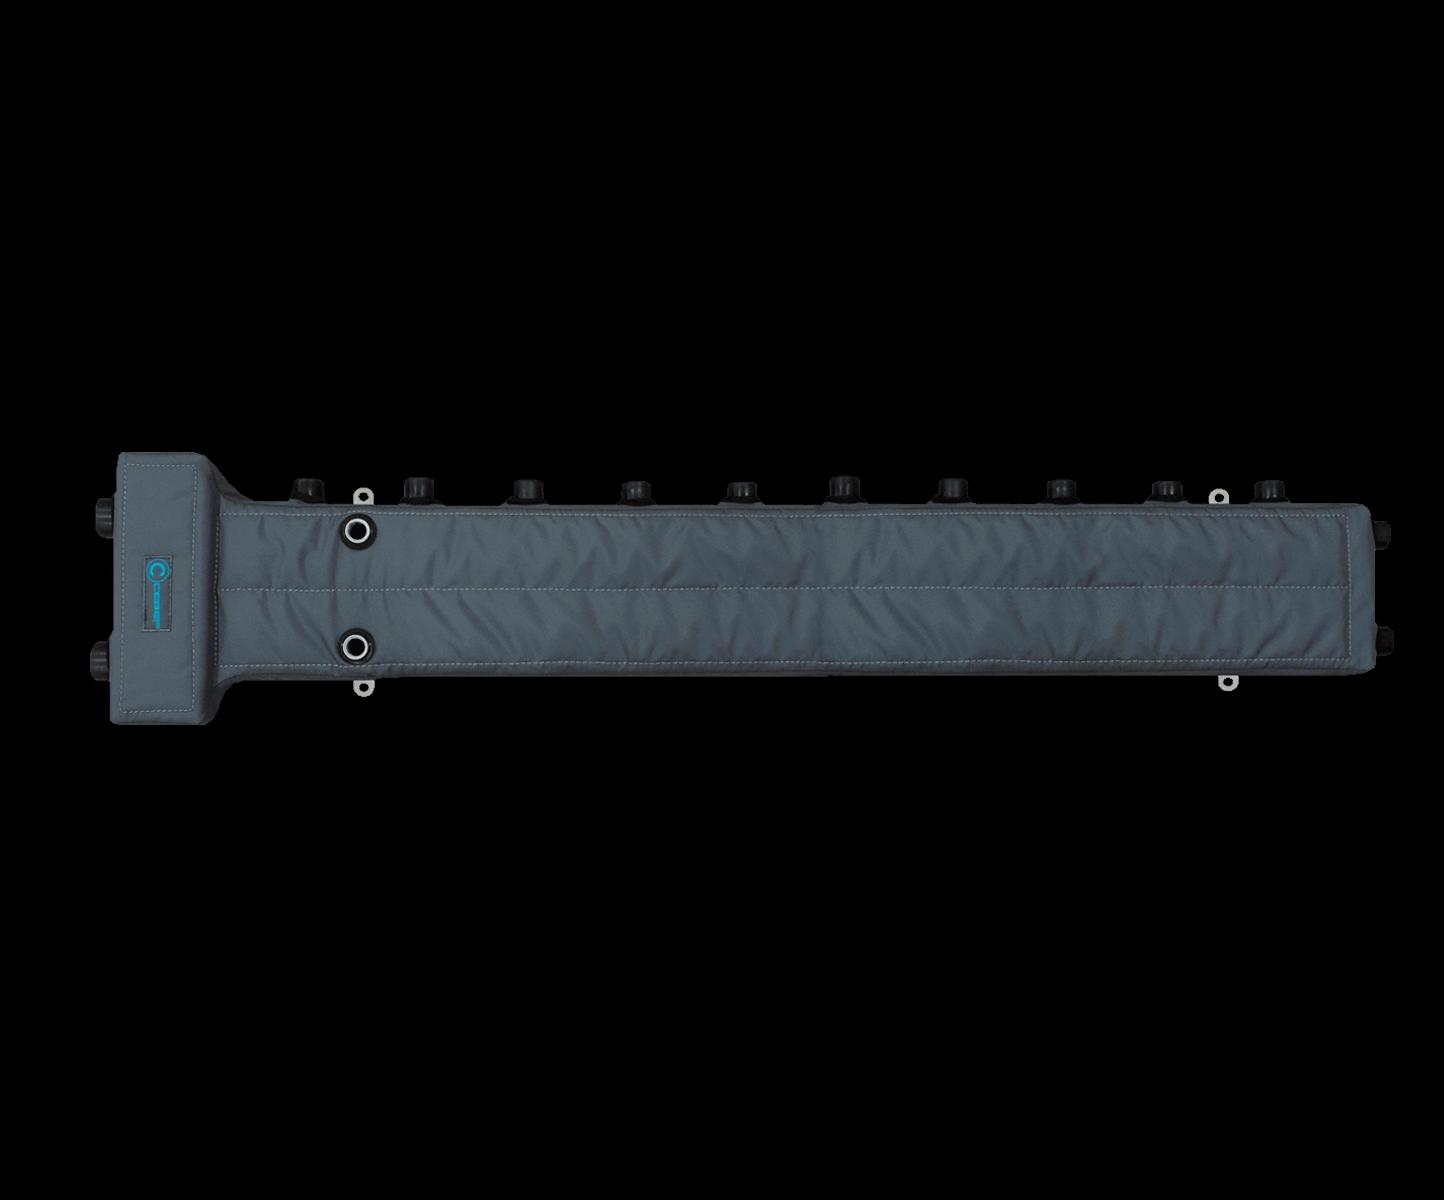 Теплоизоляция, теплоизоляционный чехол для гидрообвязки Север М6